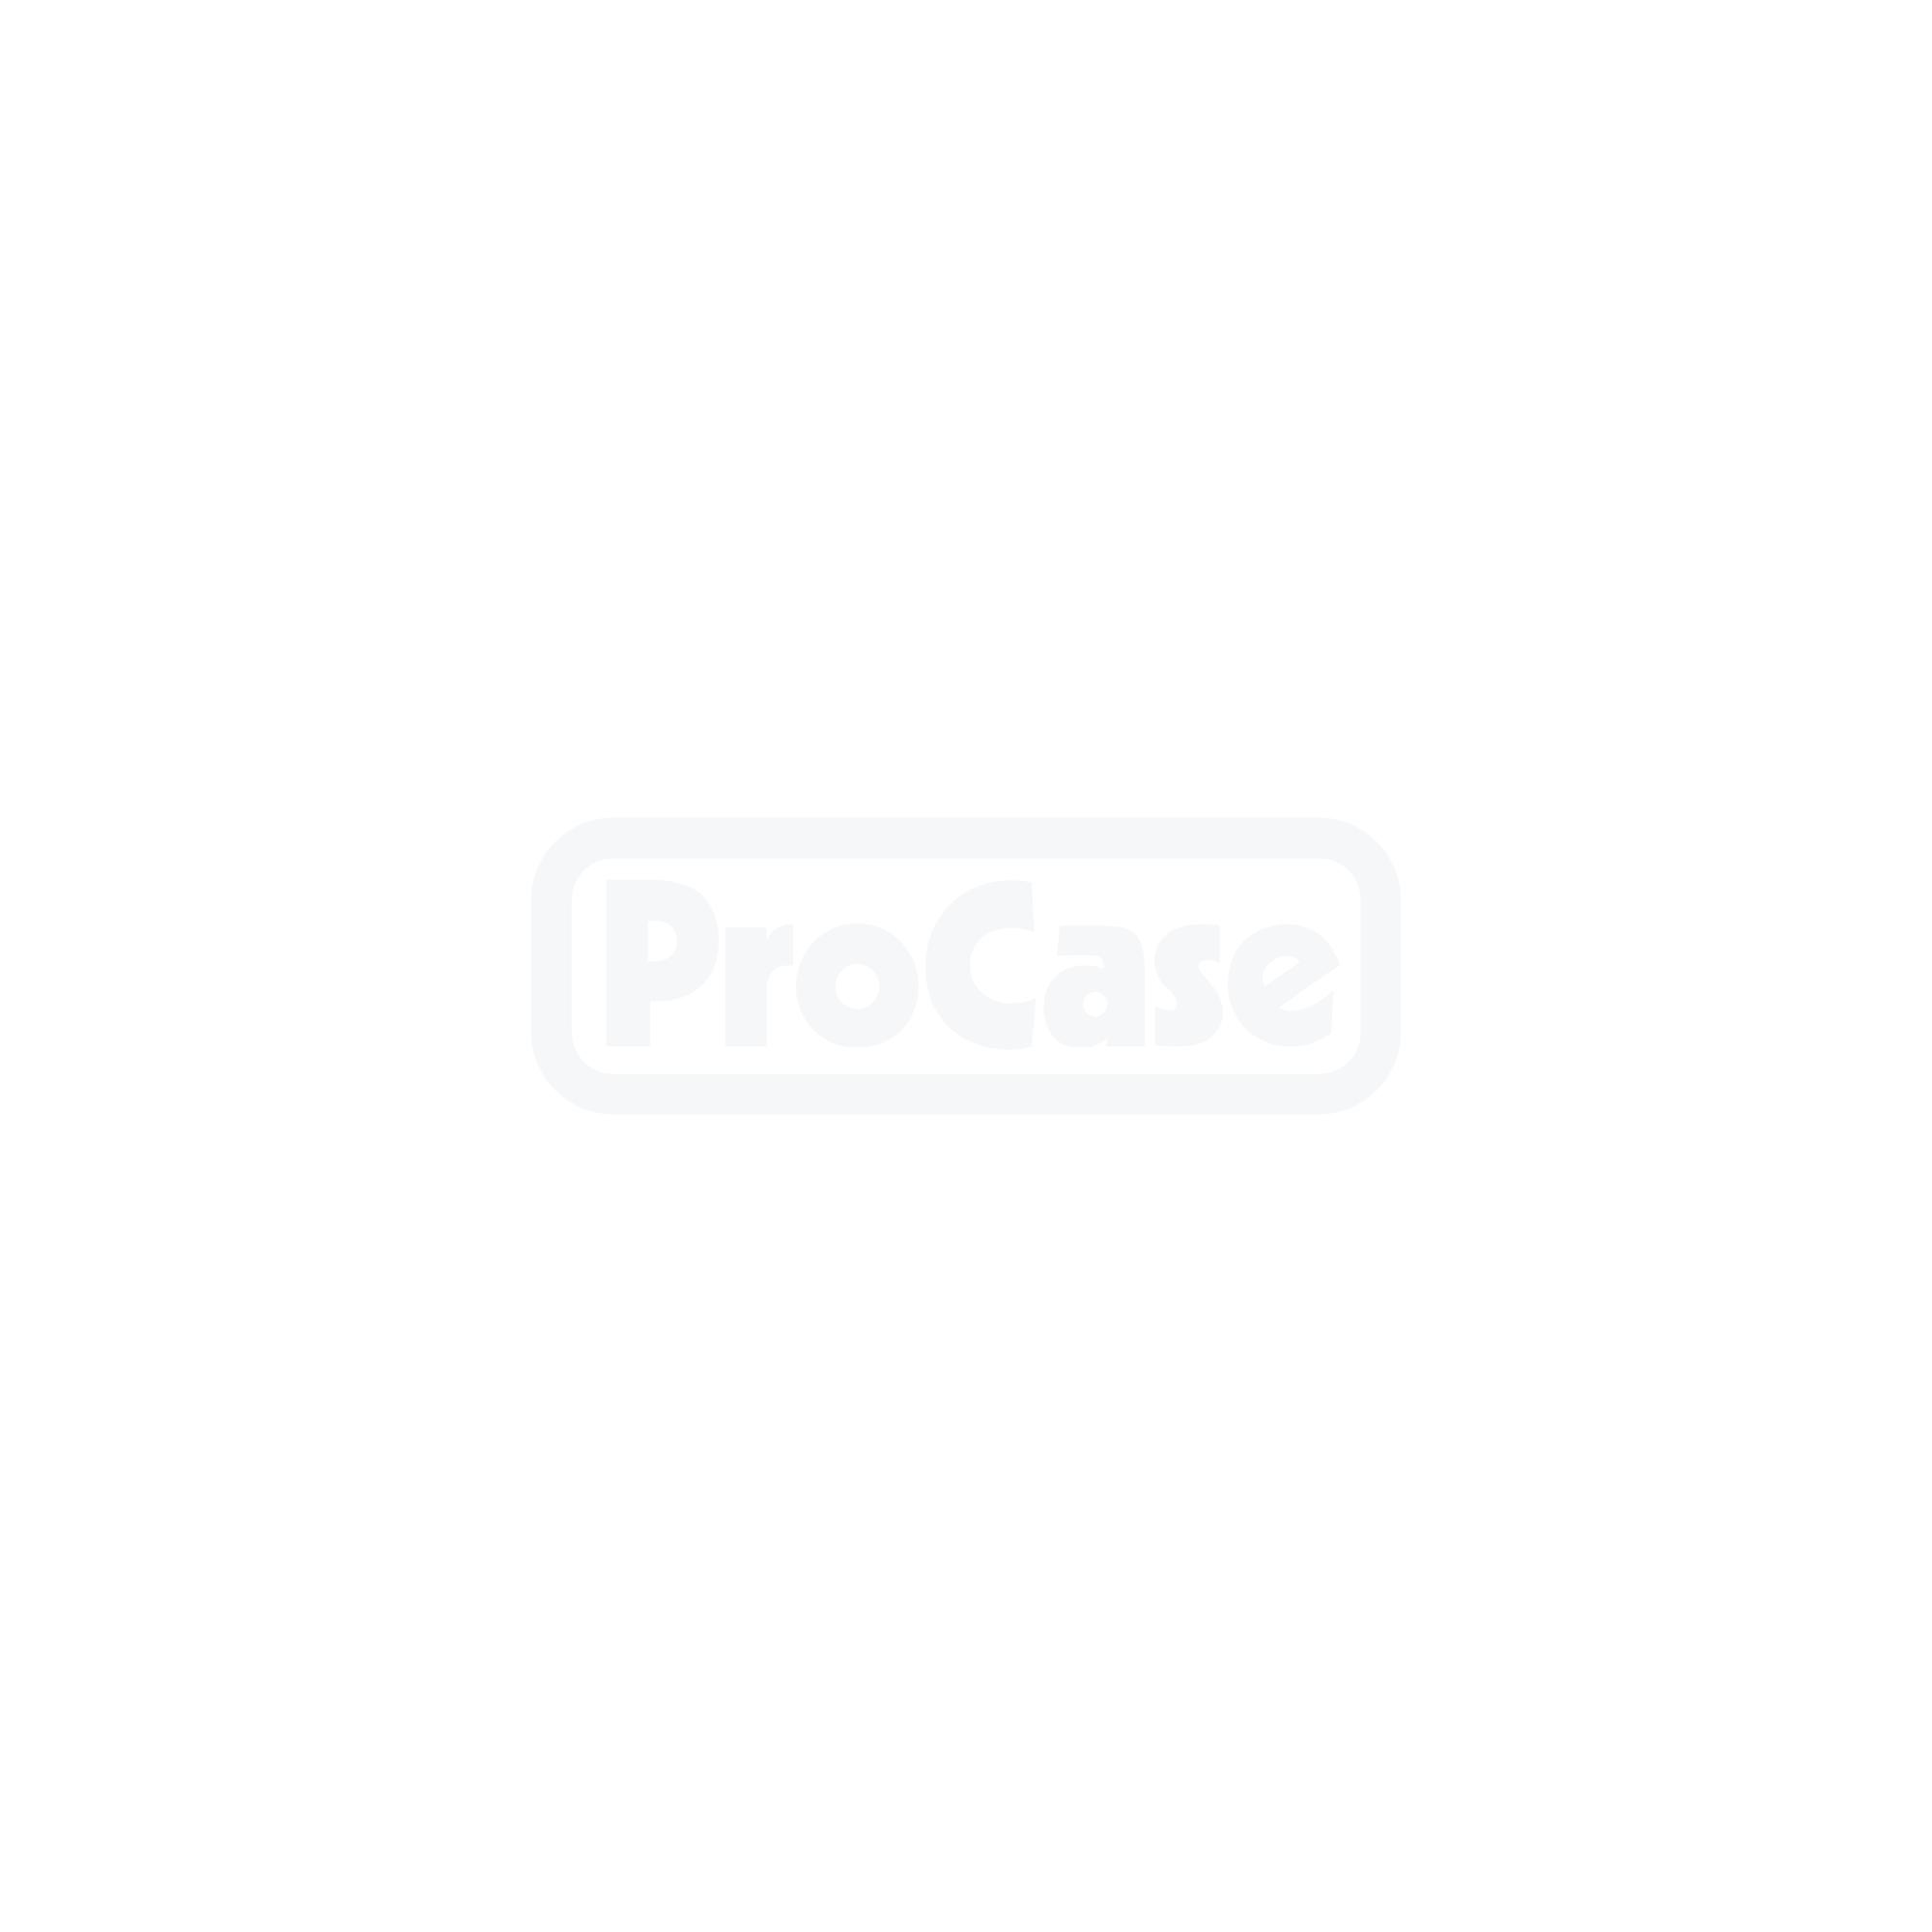 19 Zoll Tragschiene 740 mm für 800 mm Tiefe